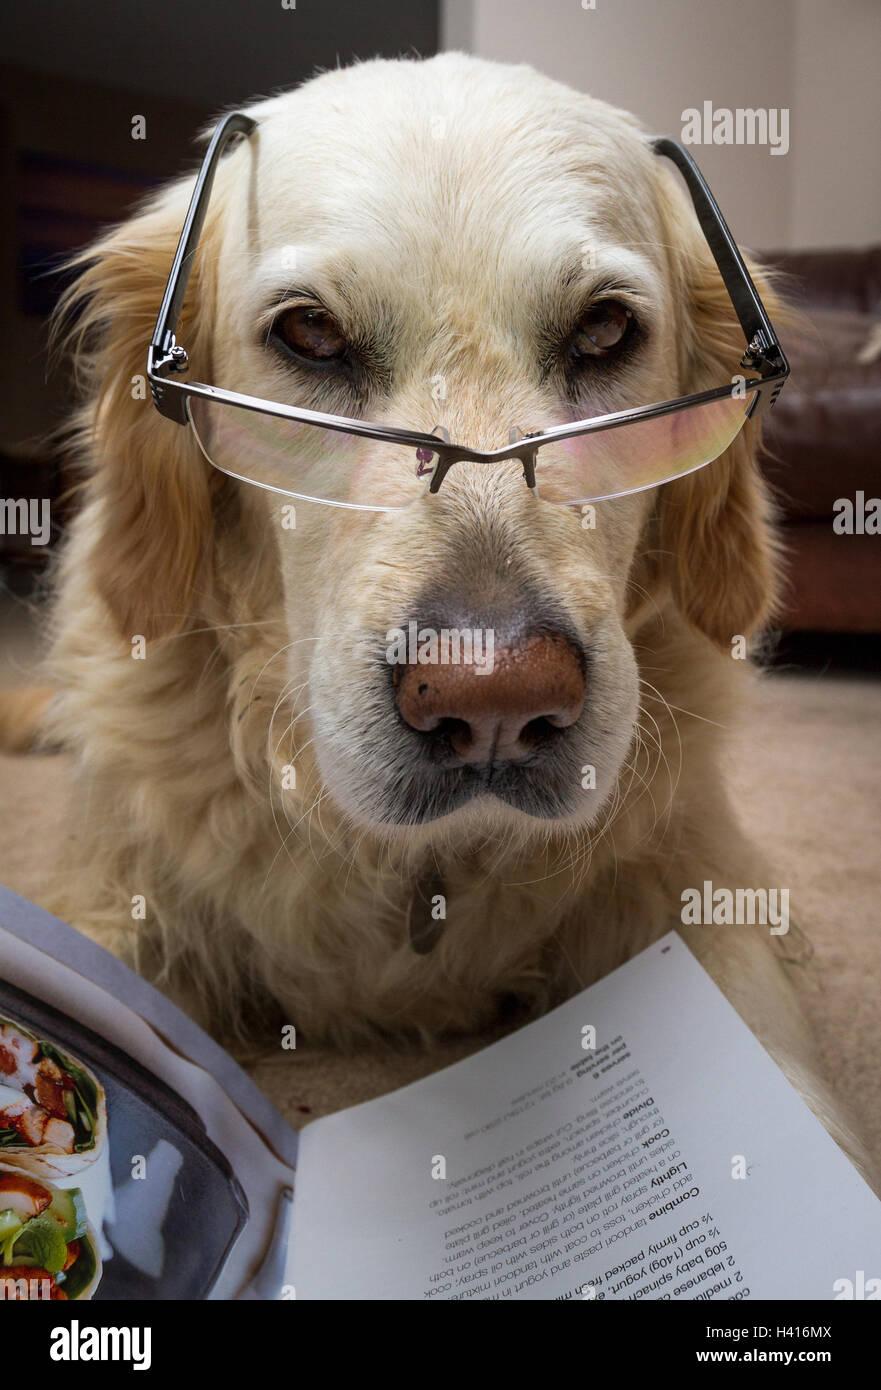 Recherche chien intelligent, avec lunettes et livre de recettes Photo Stock